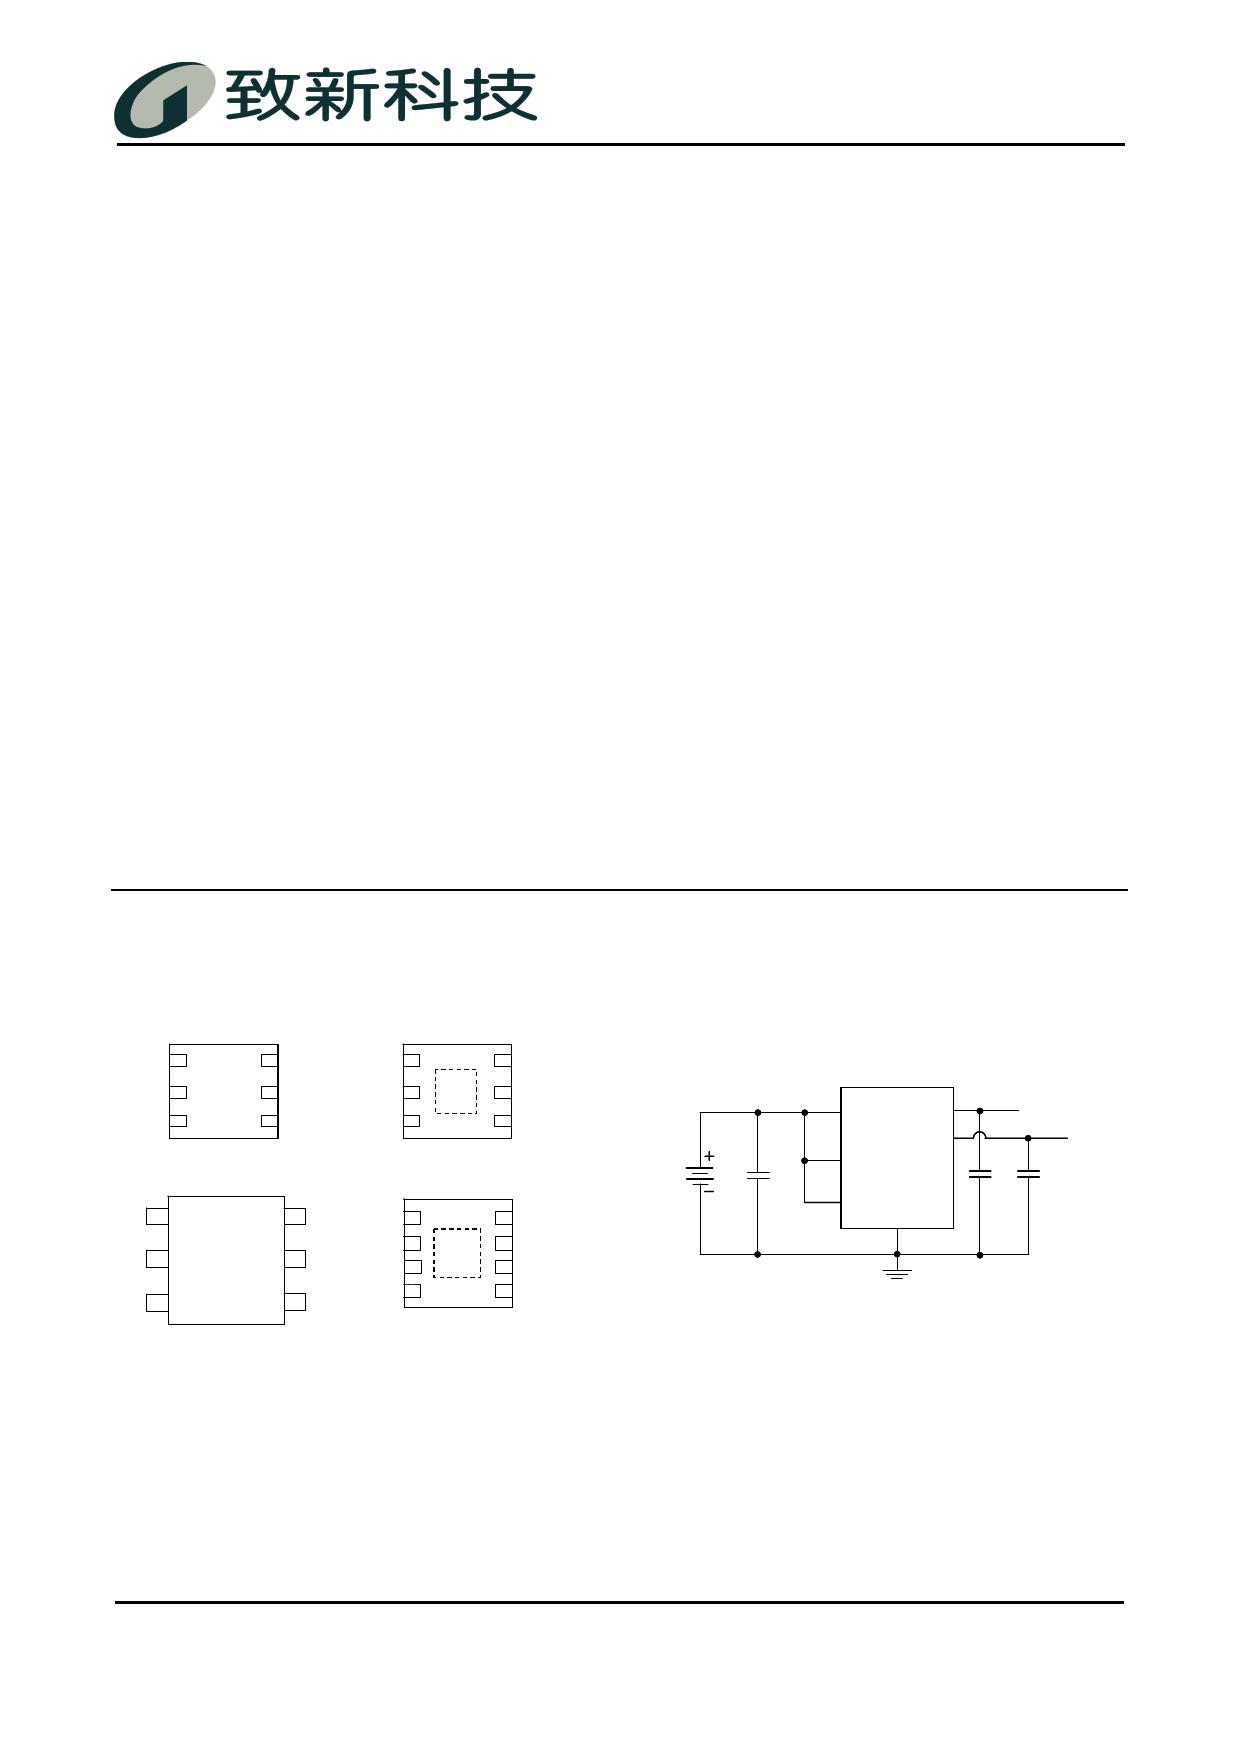 G9293 Datasheet, G9293 PDF,ピン配置, 機能